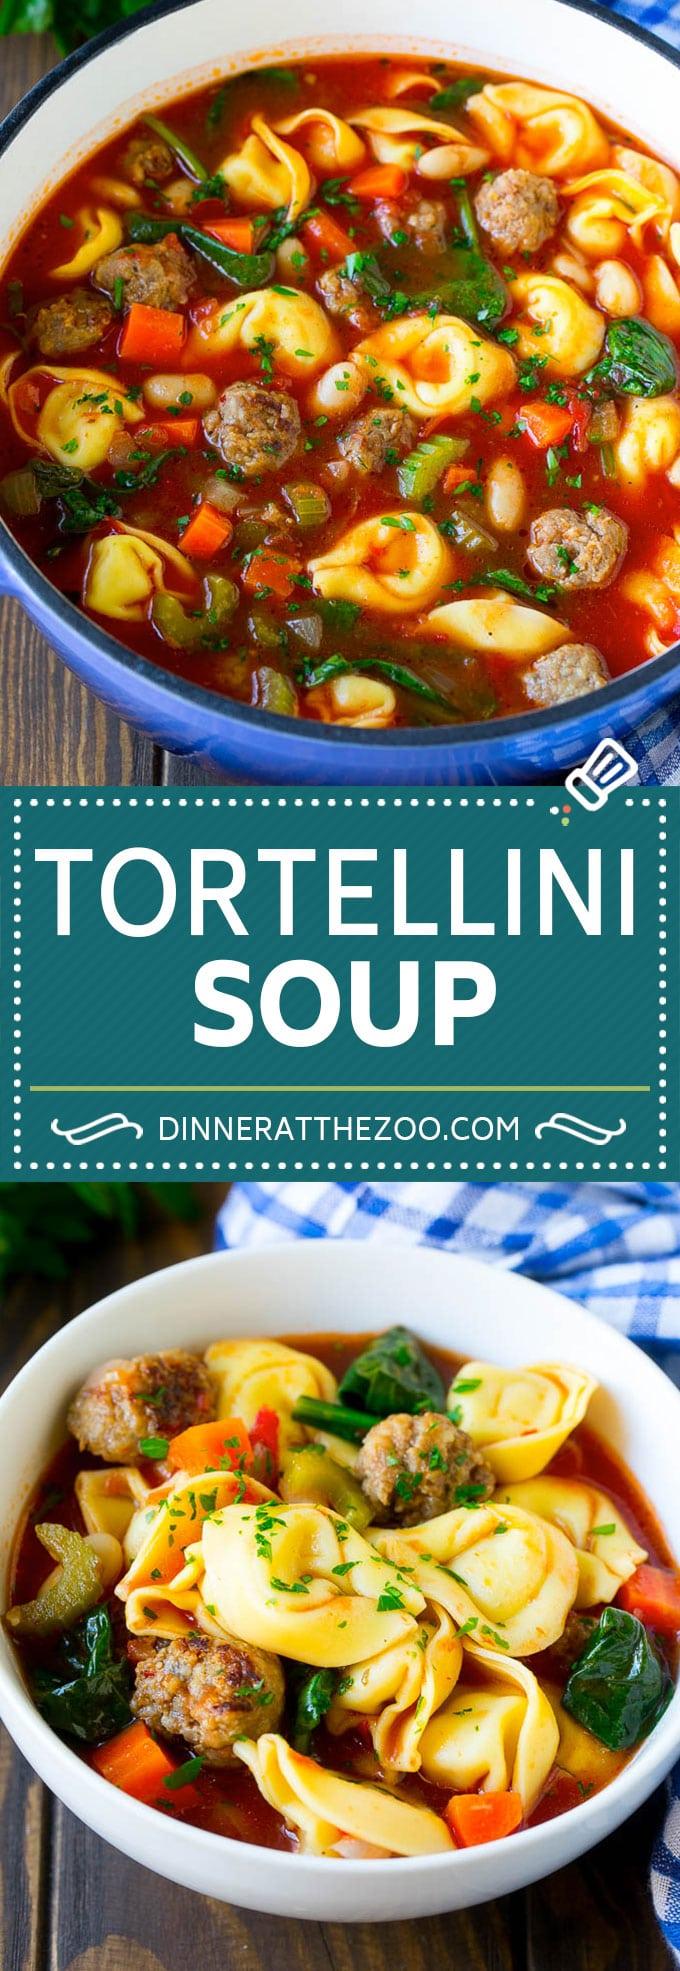 Tortellini Soup Recipe | Sausage Soup | Italian Soup #soup #sausage #pasta #tortellini #dinner #dinneratthezoo